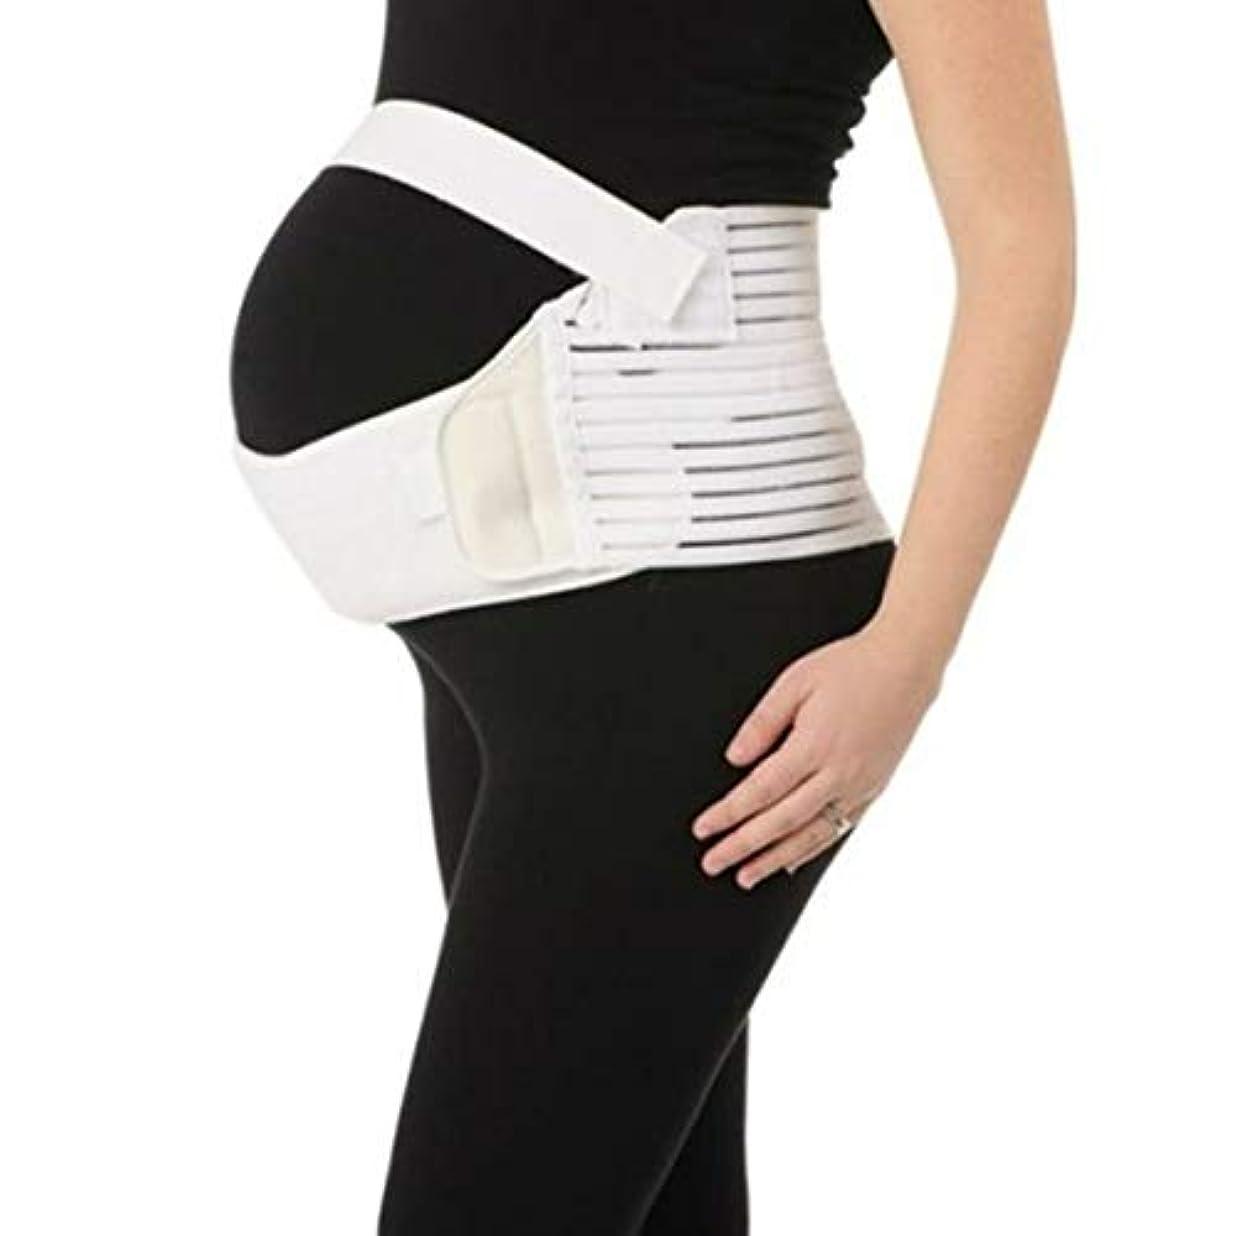 素晴らしいです集中的な滑りやすい通気性マタニティベルト妊娠腹部サポート腹部バインダーガードル運動包帯産後の回復shapewear - ホワイトL